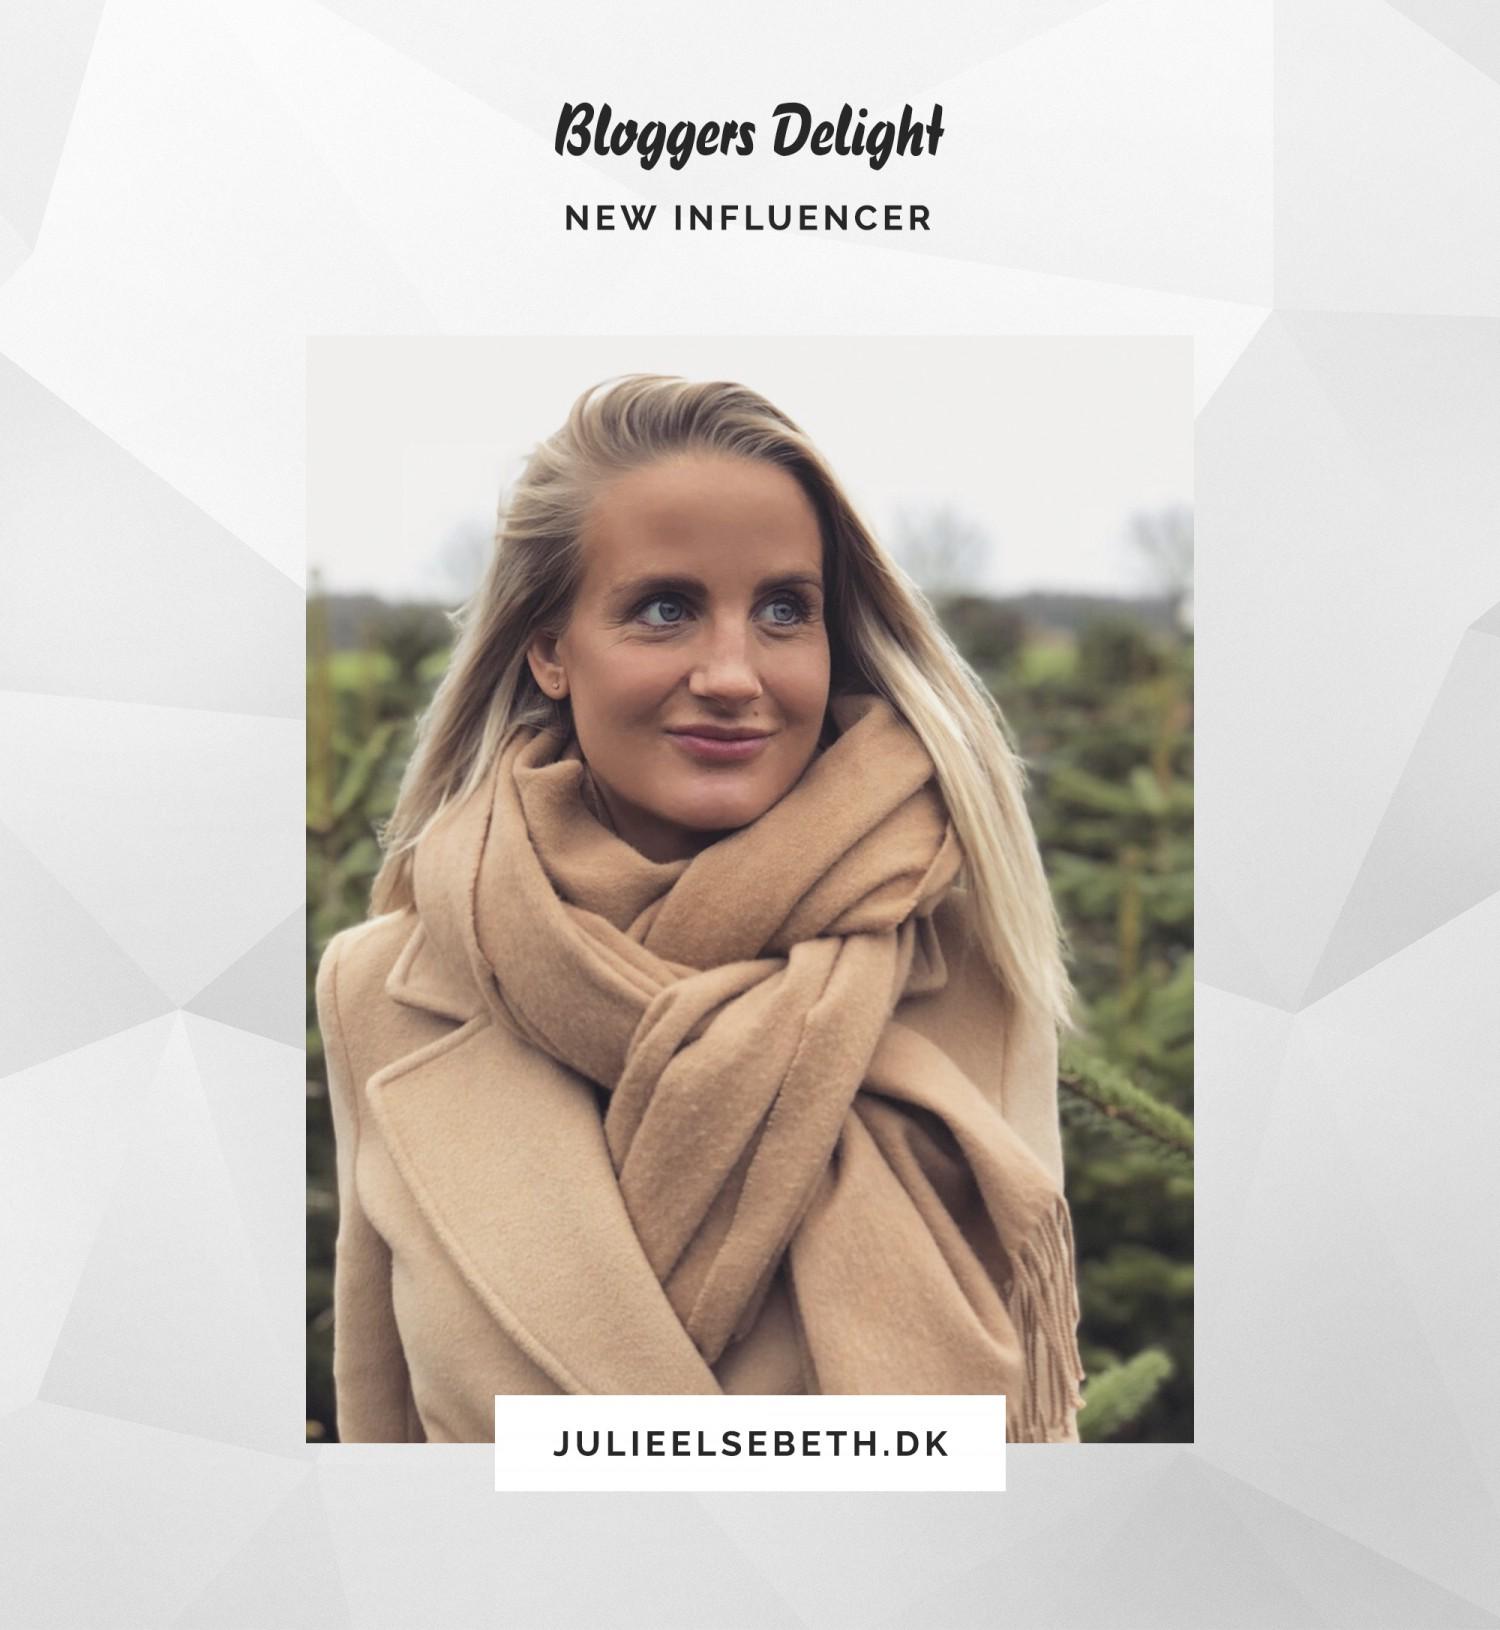 julieelsebeth-1